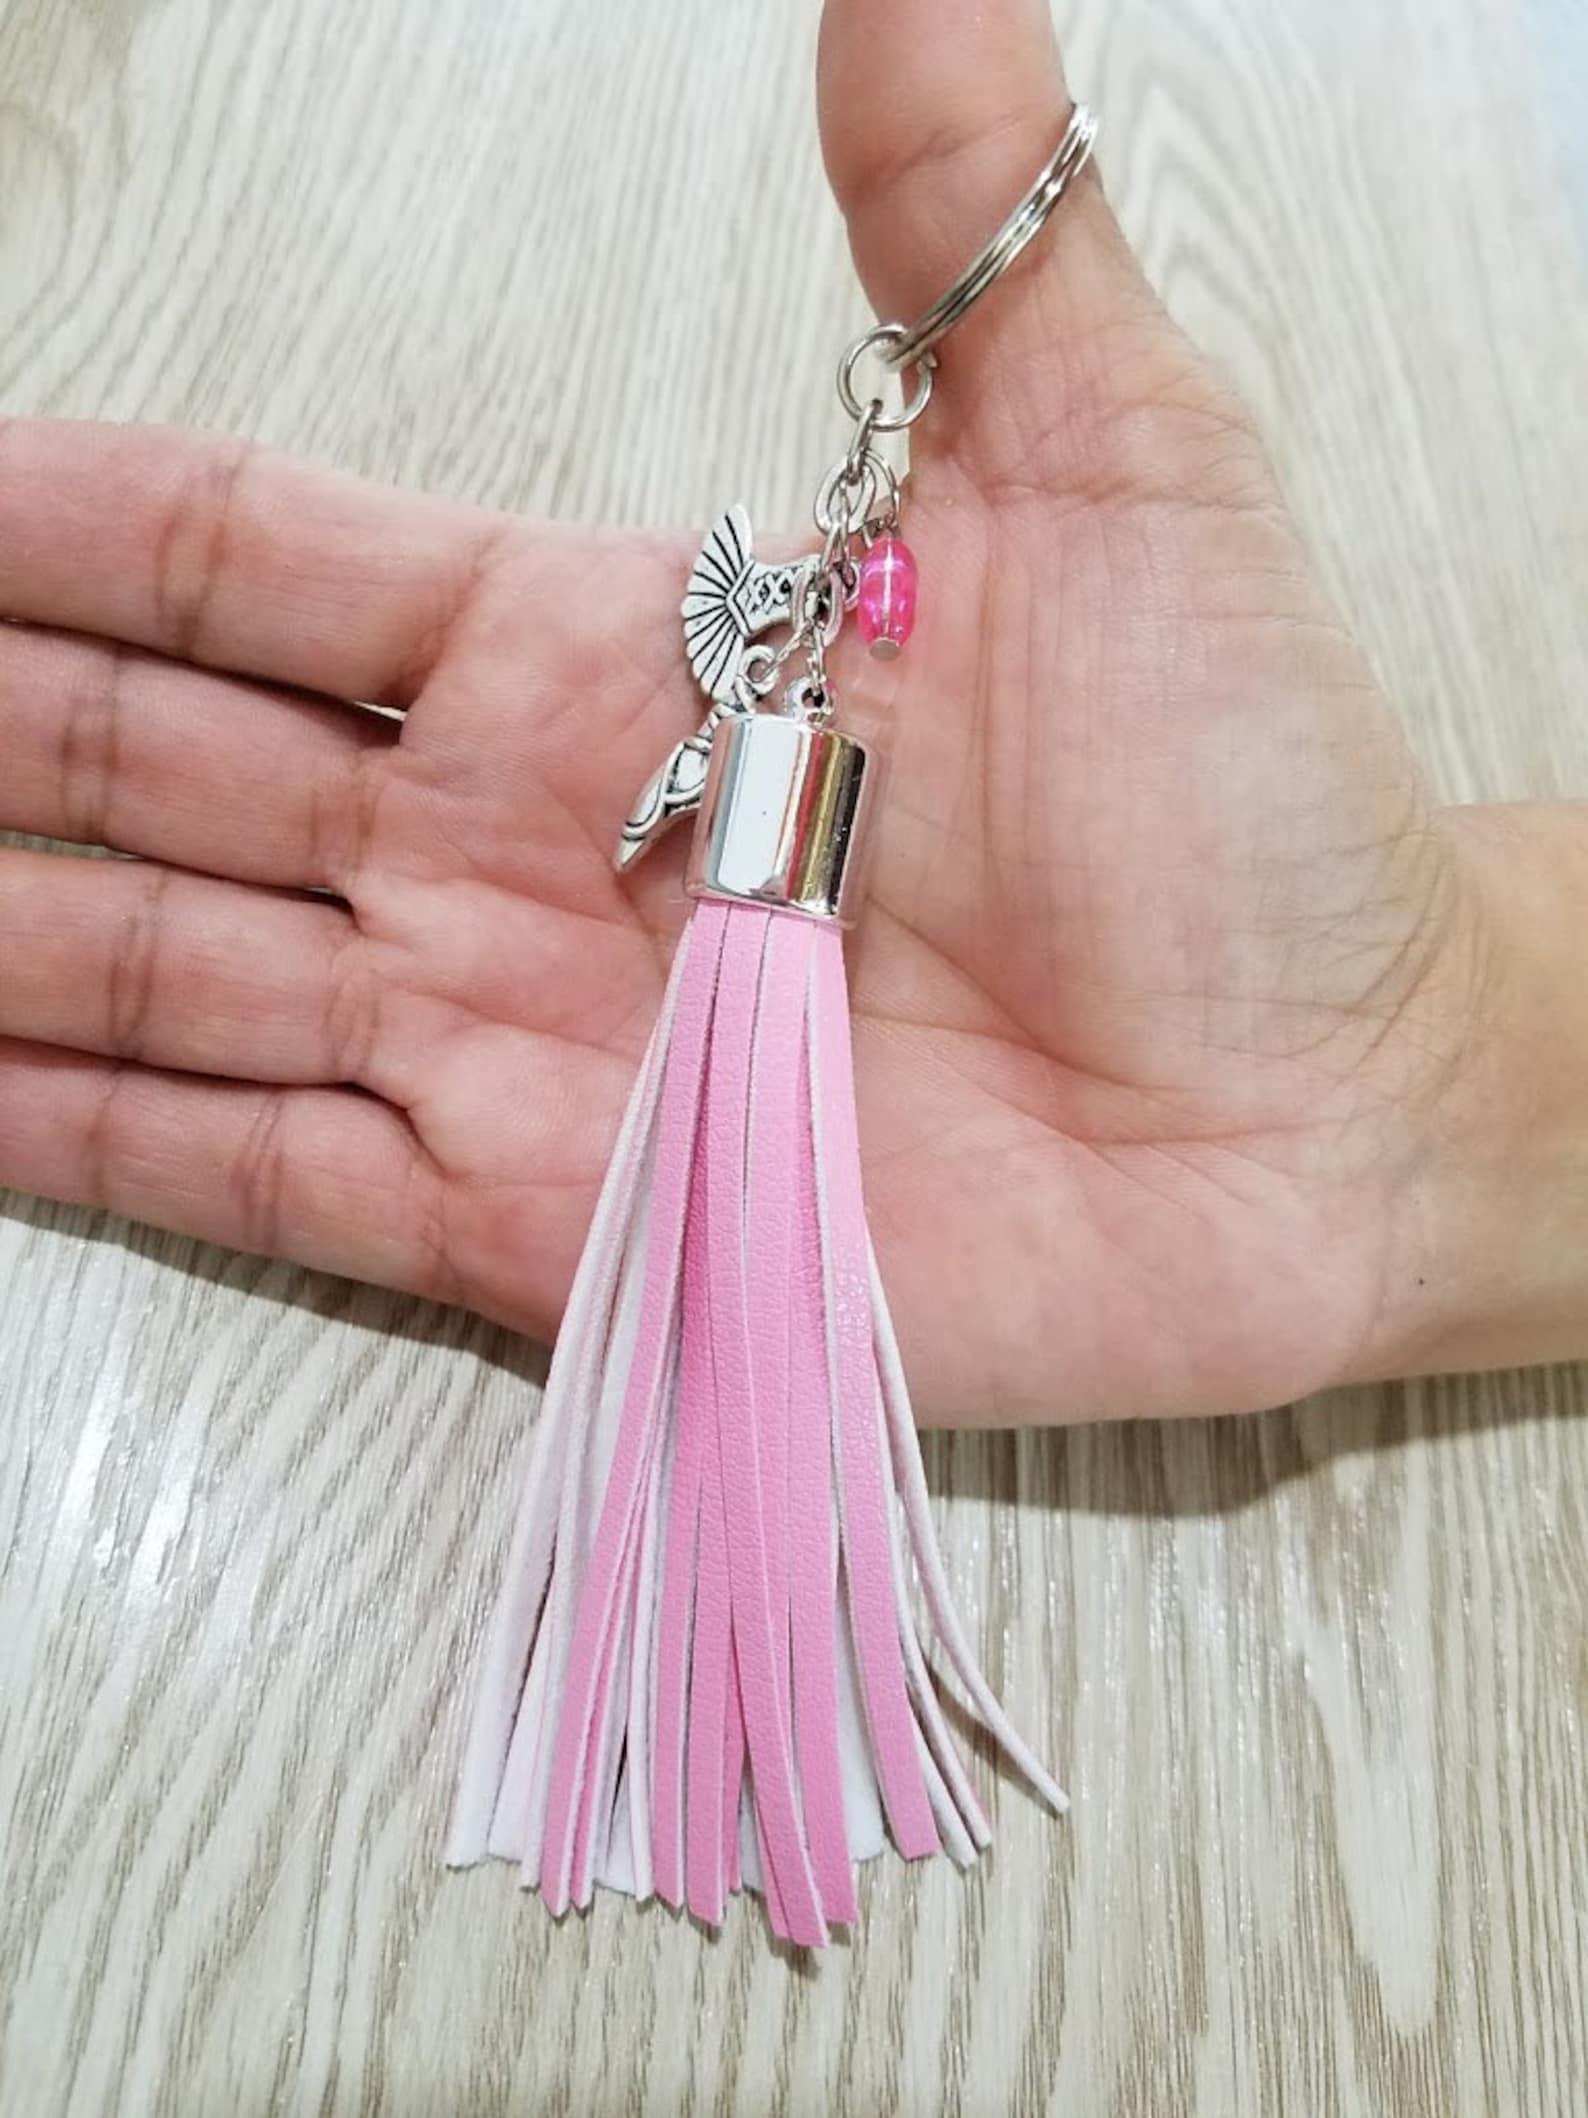 ballet inspired tassel key chain - zipper pull